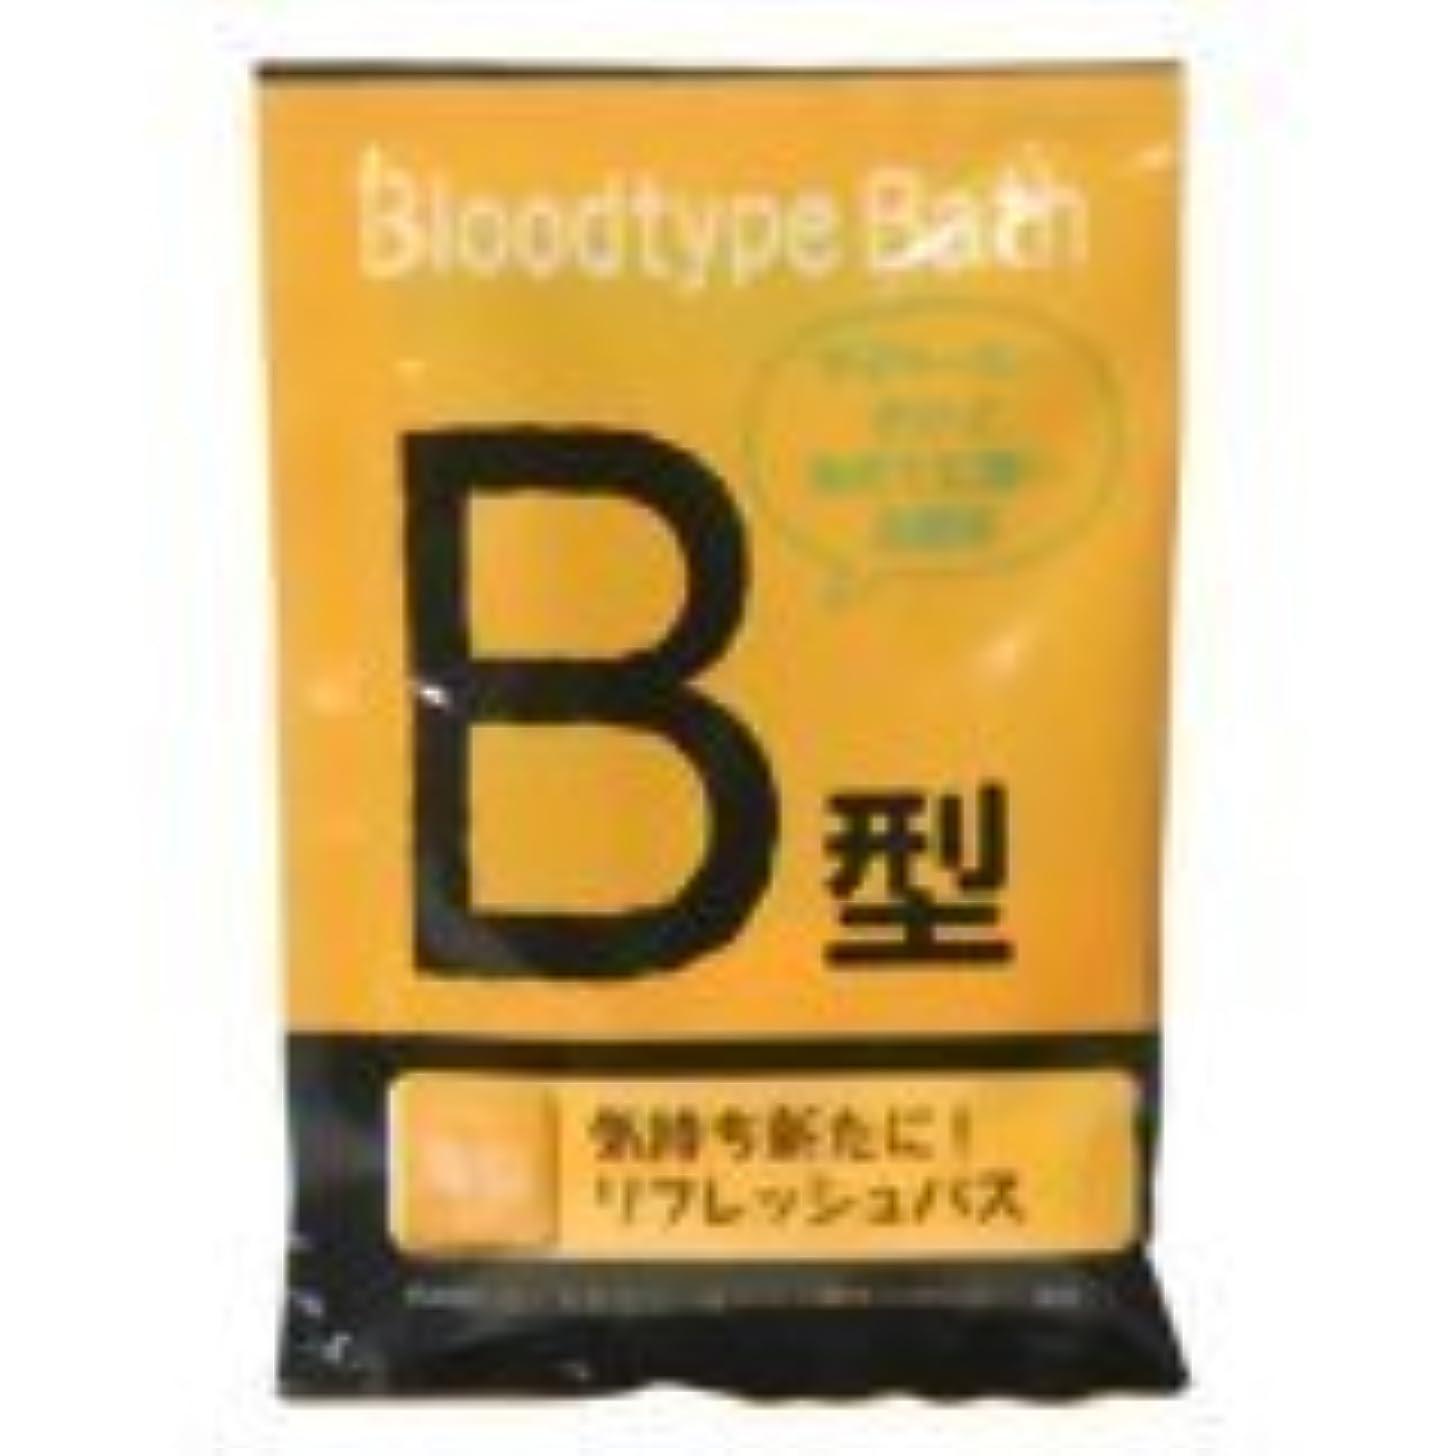 おとこロースト発見する紀陽除虫菊 ブラッドタイプバス B【まとめ買い12個セット】 N-8251